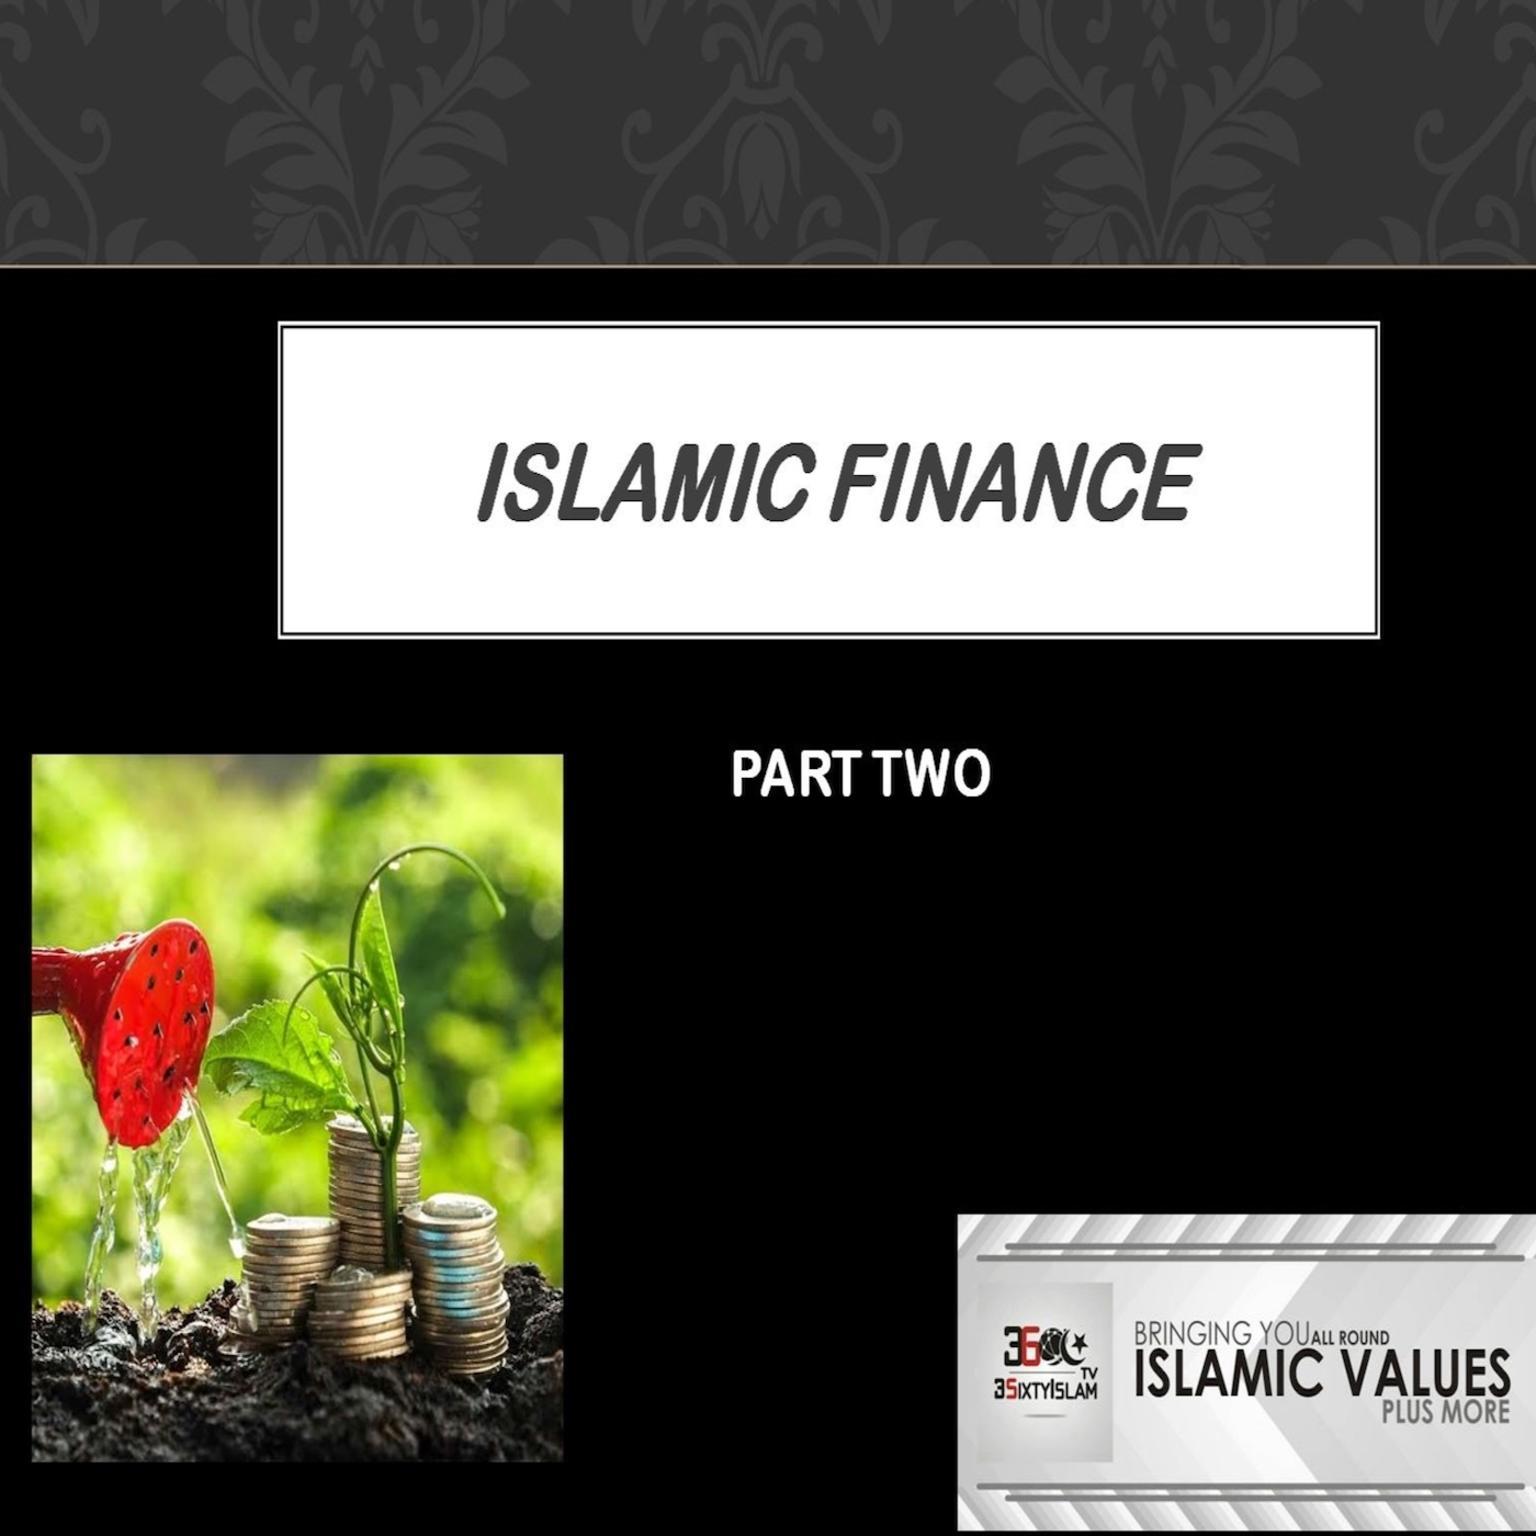 3SixtyIslam - Islamic Finance 2